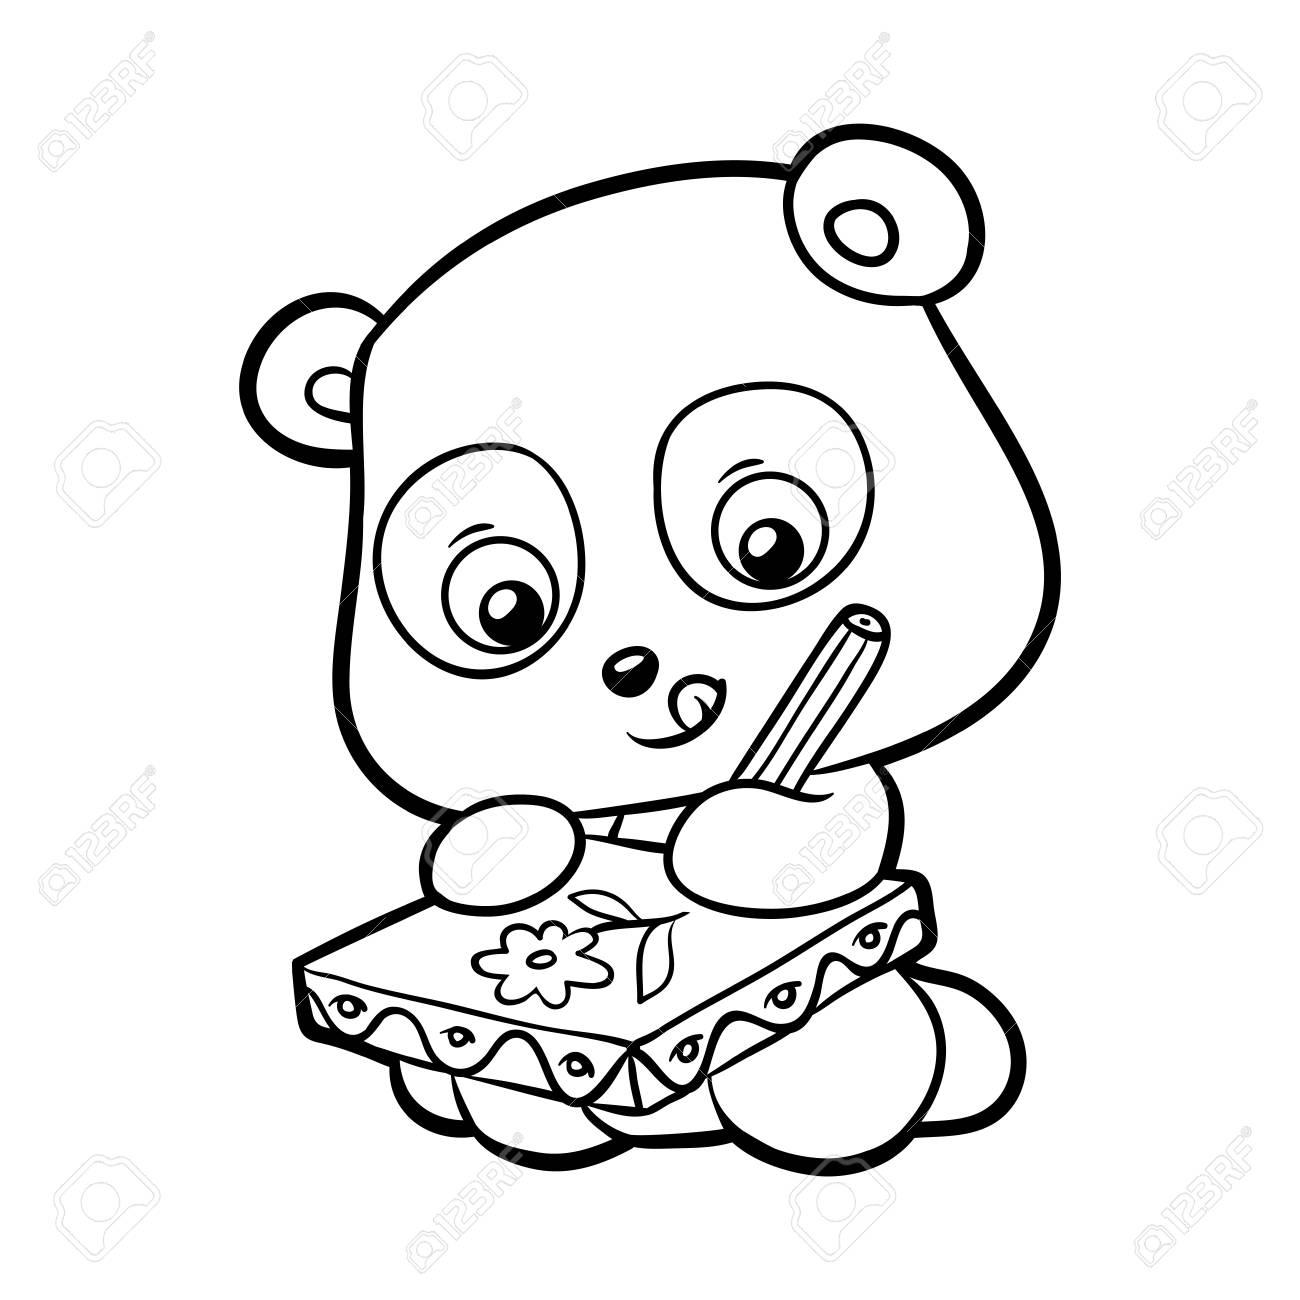 Ilustración De Imagen De Panda Para Colorear Libro Para Niños